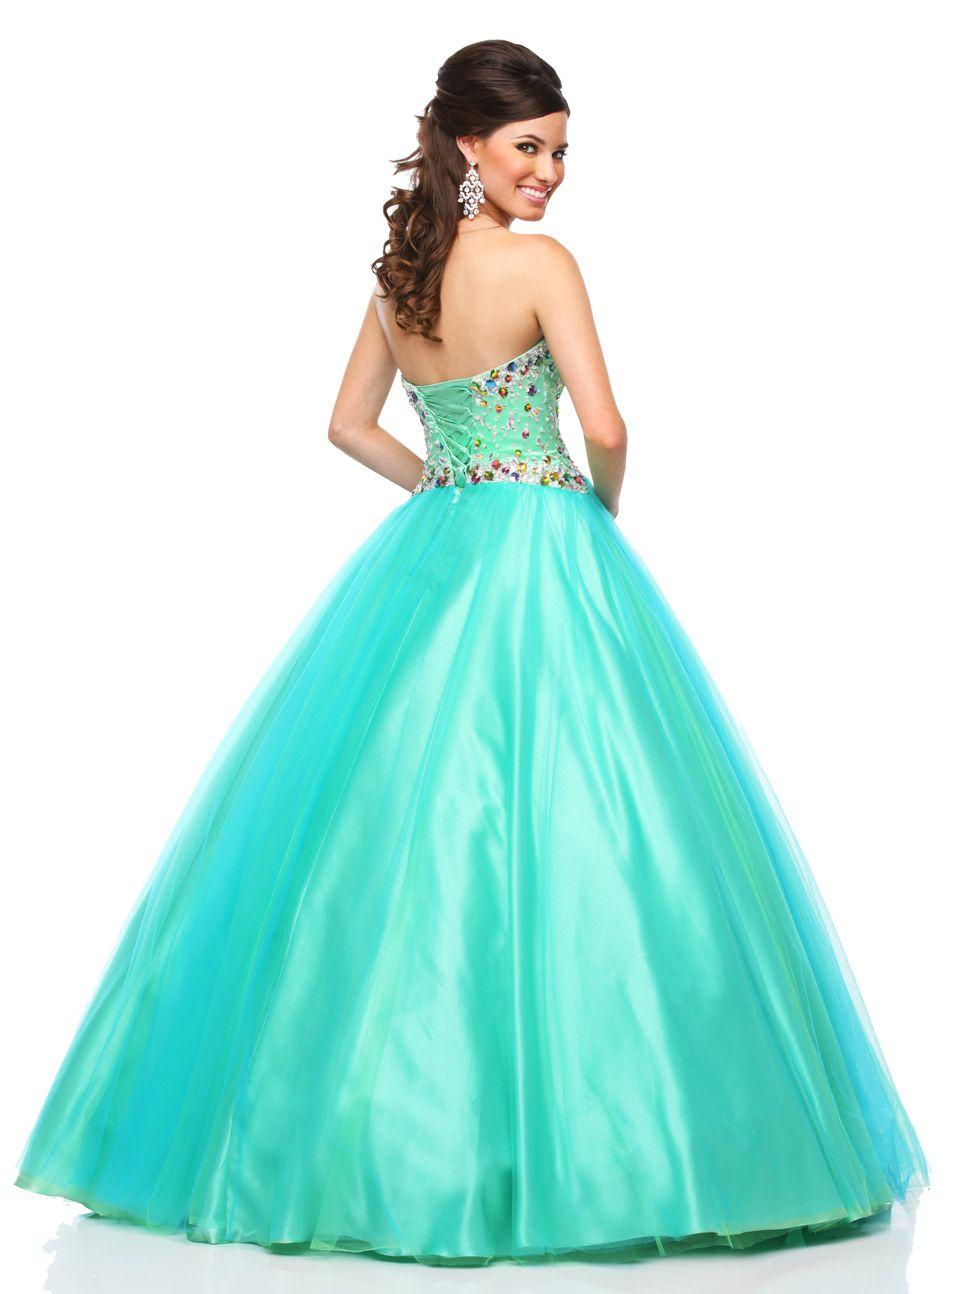 Amazing Juegos De Vestir Princesas Y Novias Images - Wedding Ideas ...